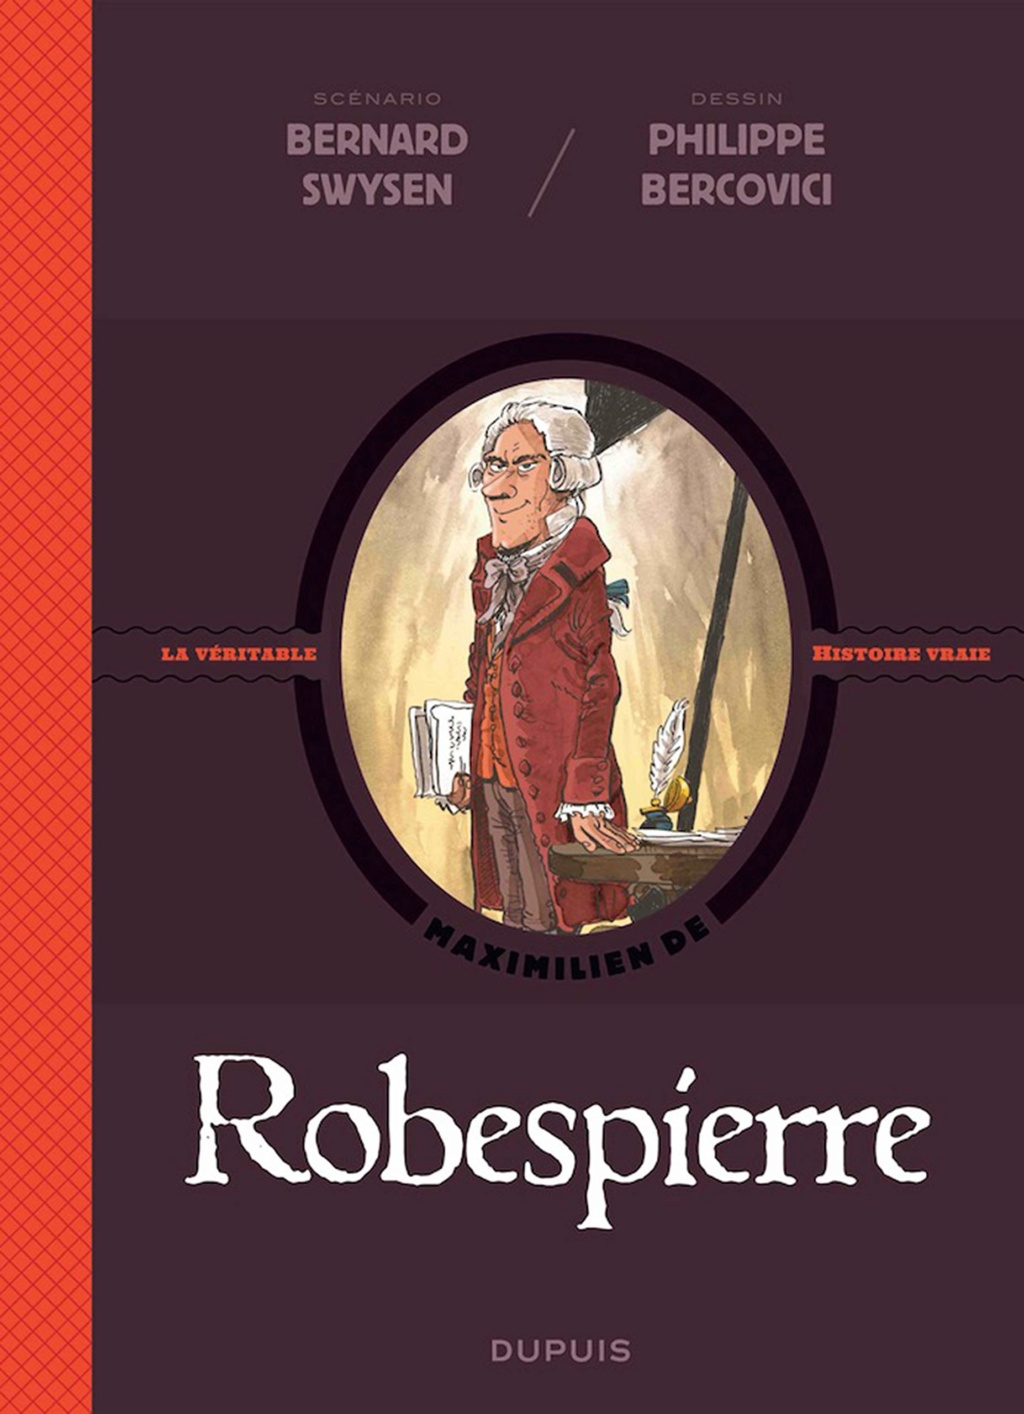 La véritable histoire vraie de Robespierre. De Swysen/Bercovici 71sj3o10